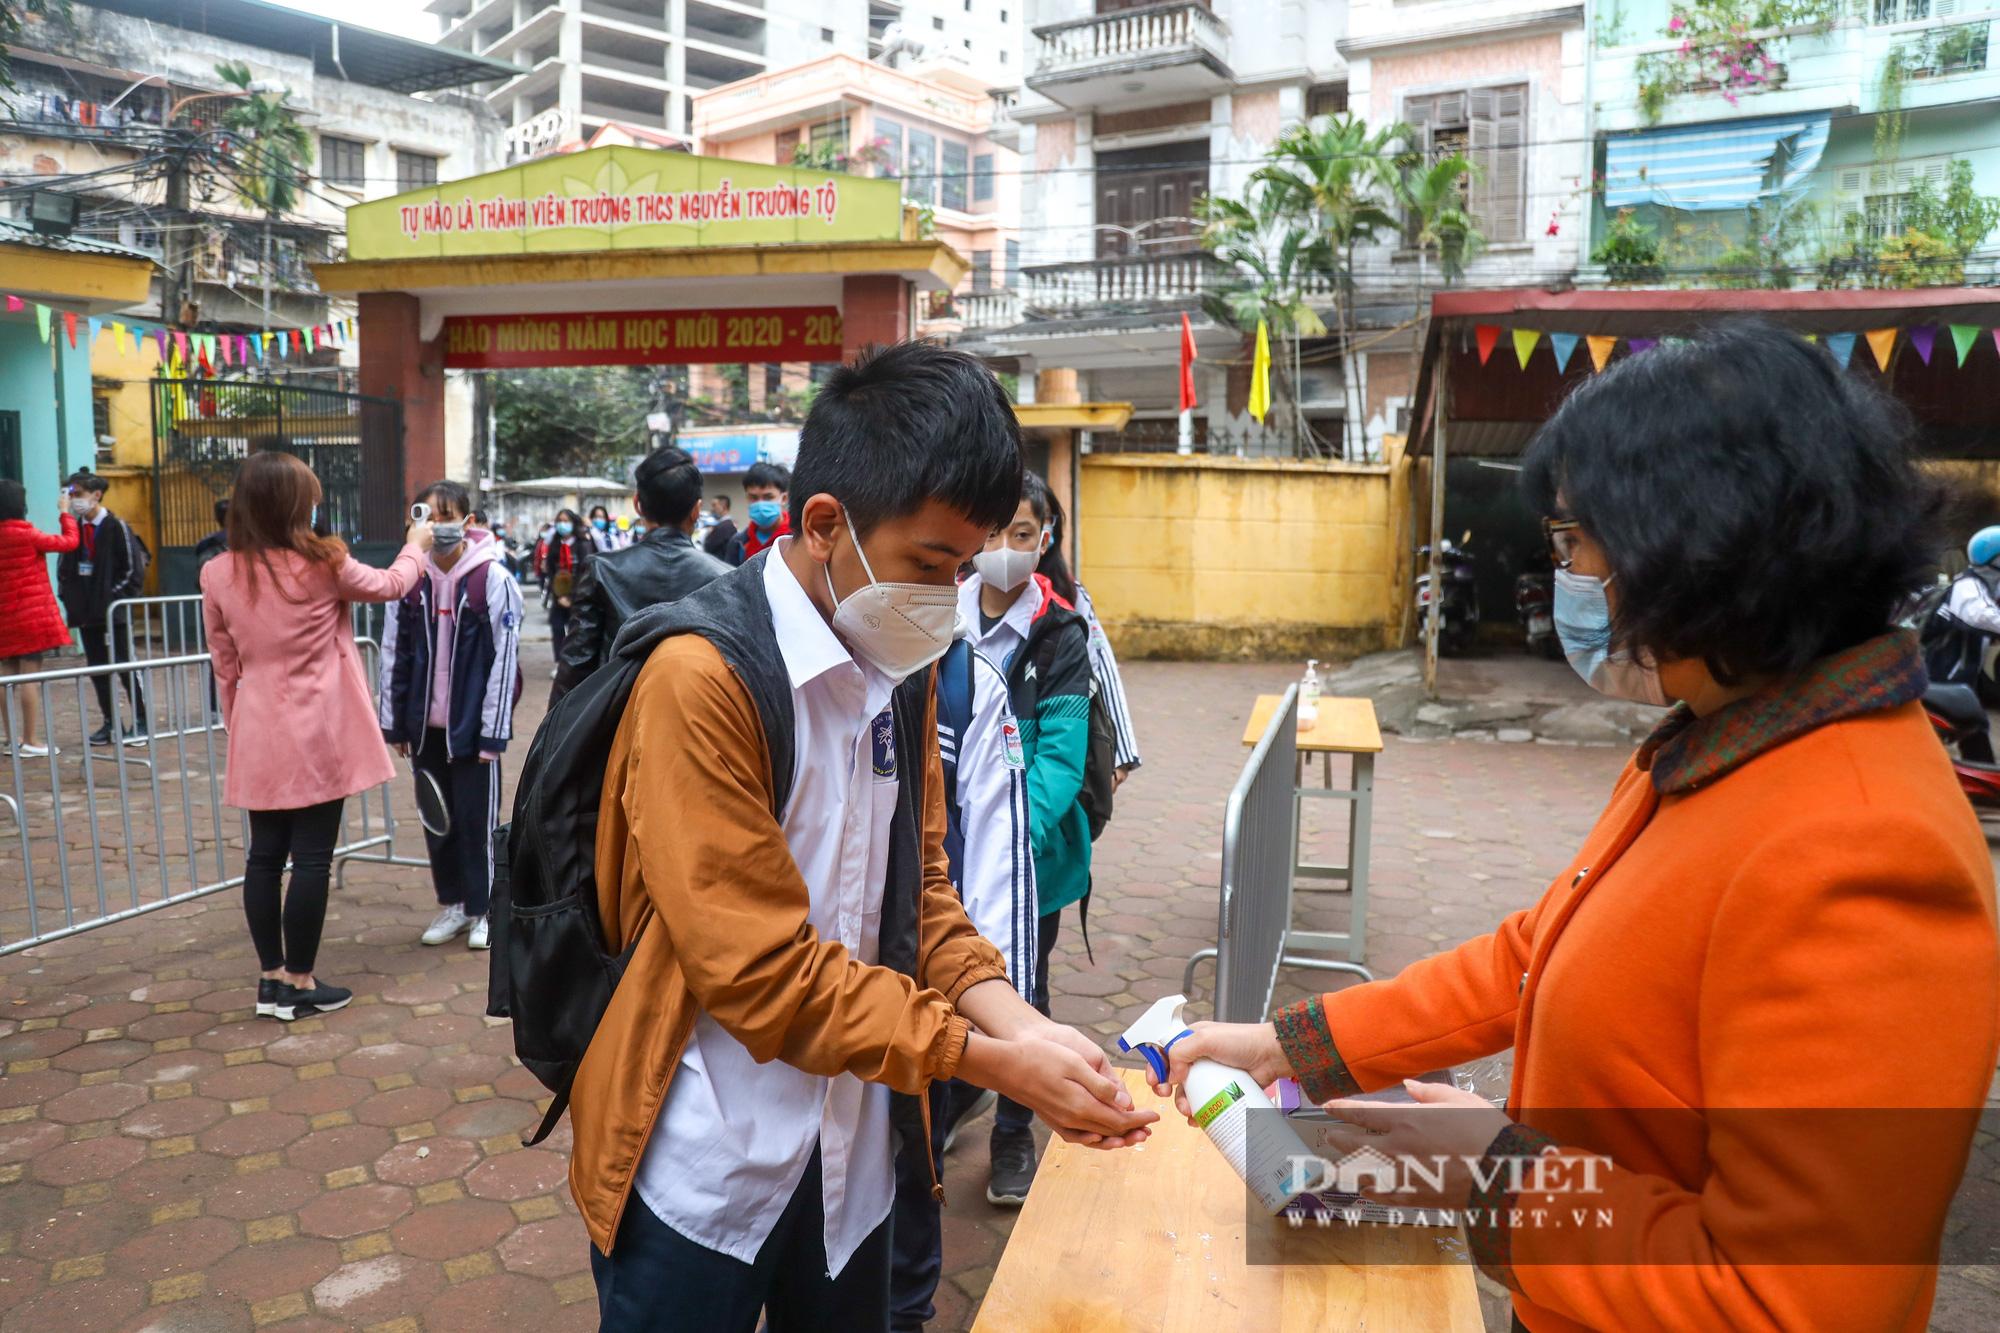 Đi học trở lại sau 30 ngày nghỉ Tết, học sinh Hà Nội được nhận lì xì - Ảnh 5.